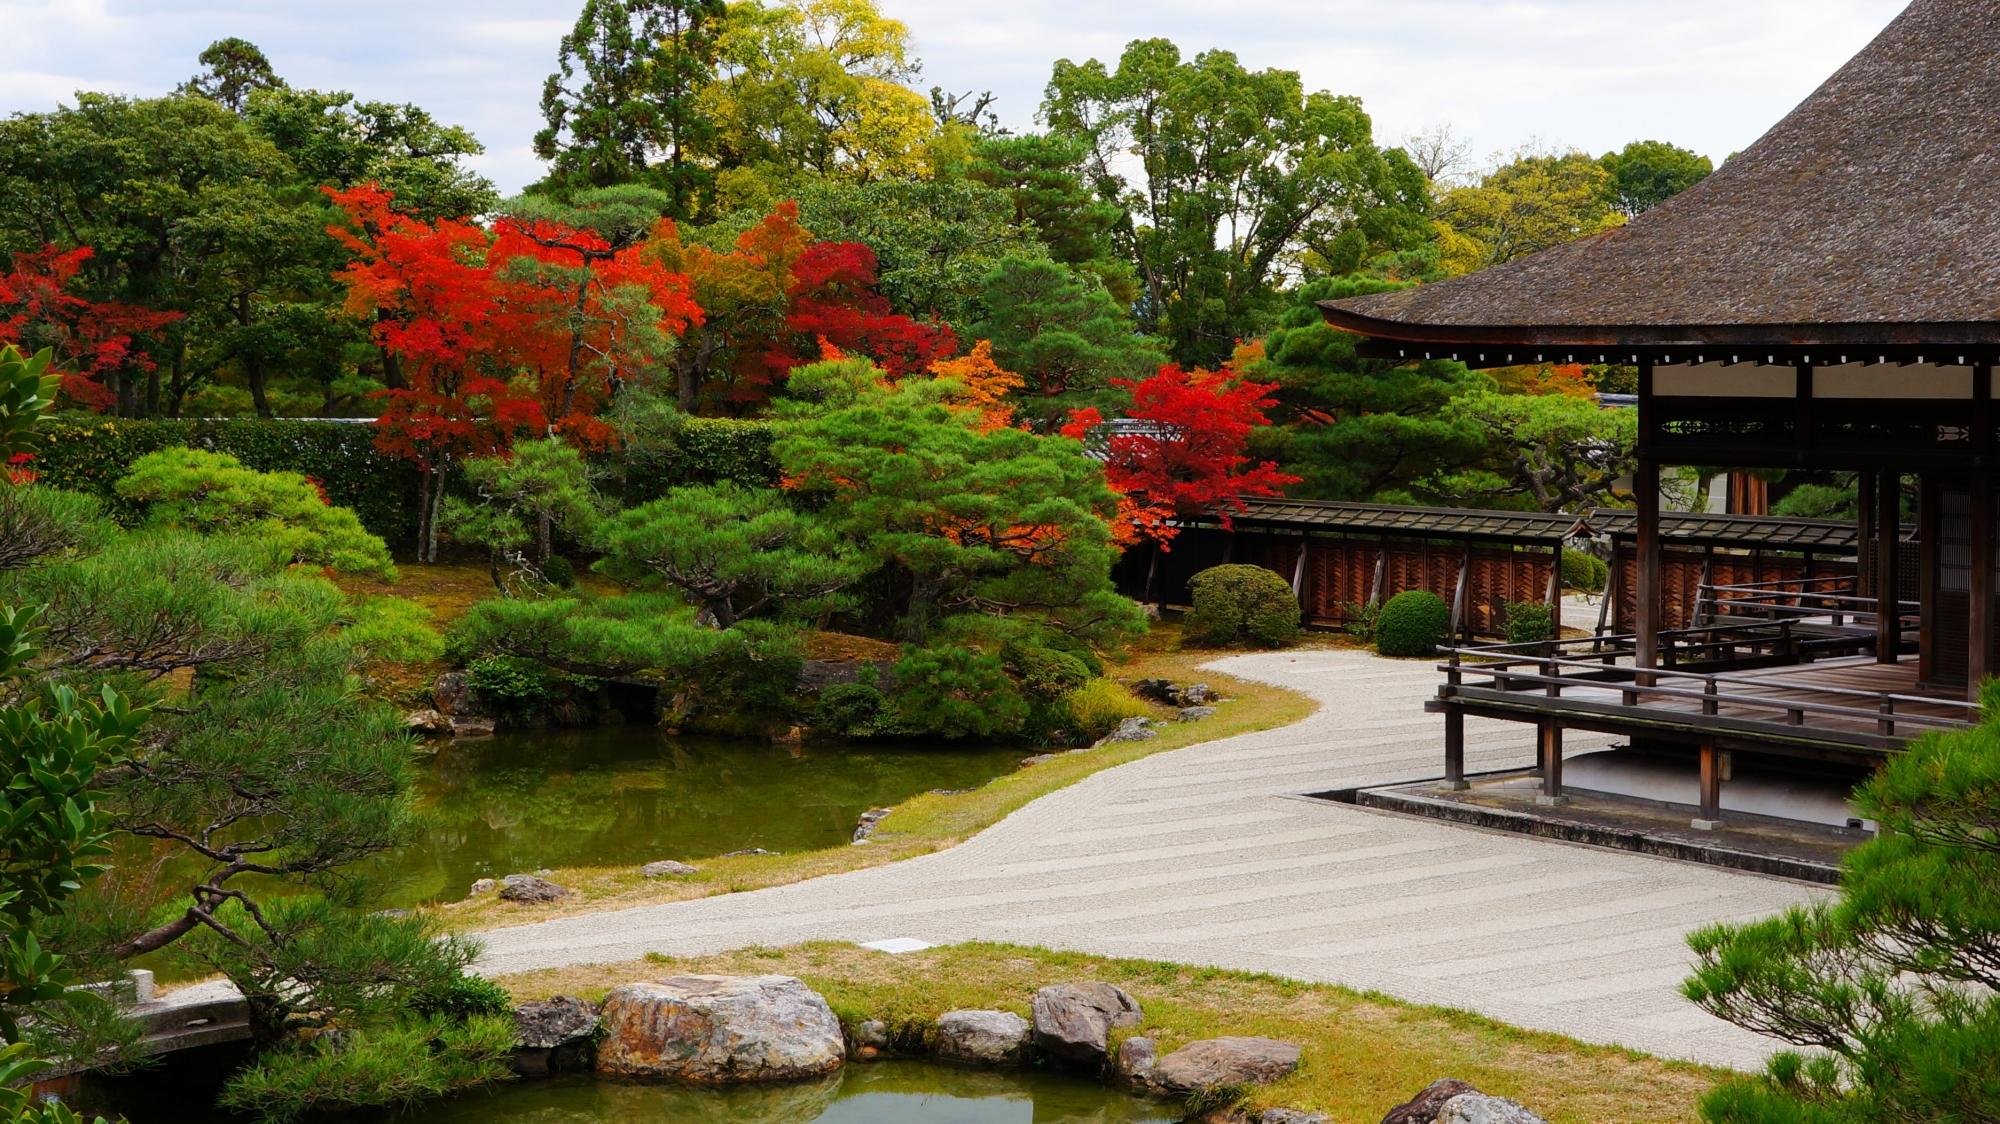 仁和寺の素晴らしい紅葉と庭園や秋色の情景